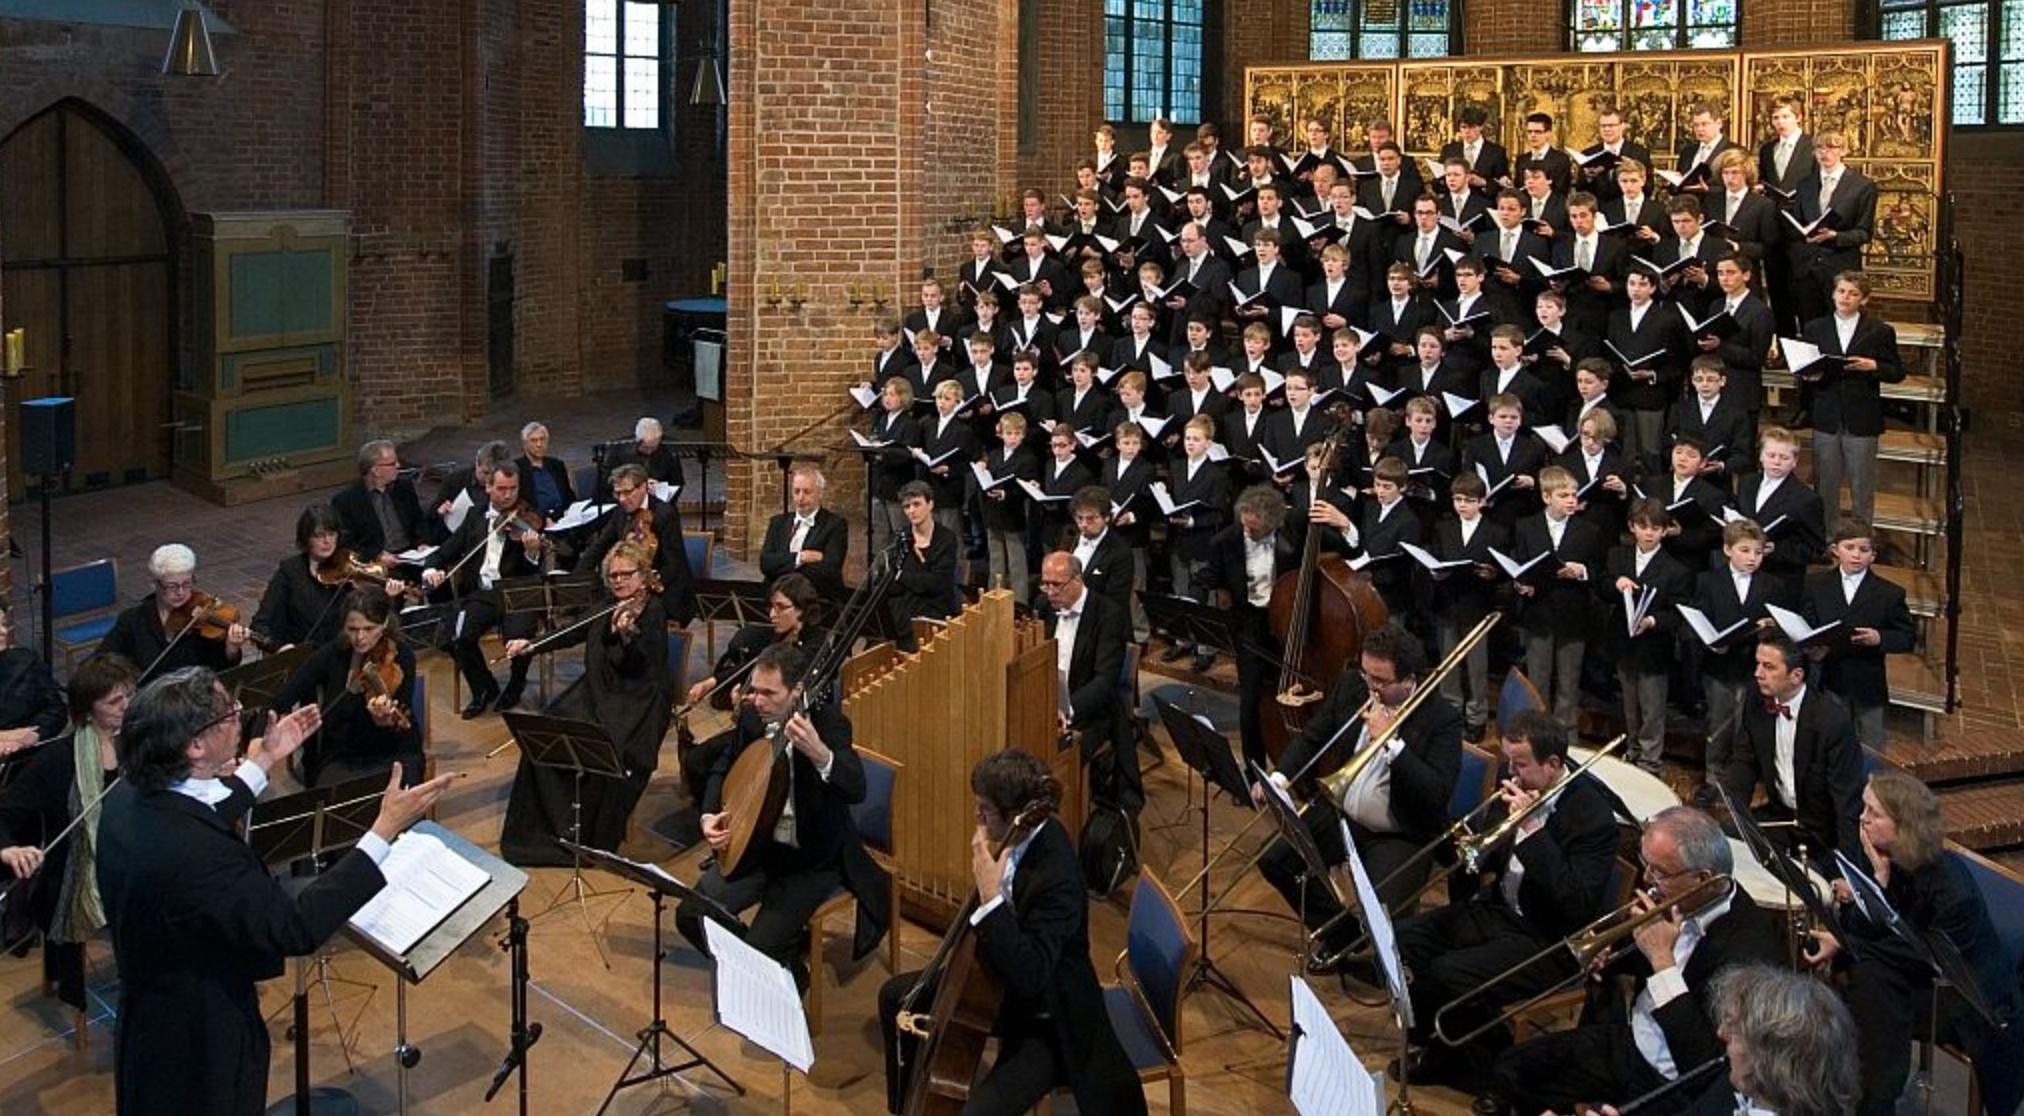 Knabenchor Hannover in der Marktkirche-Hannover mit Musica Alt Ripa. (Foto: Knabenchor Hannover)